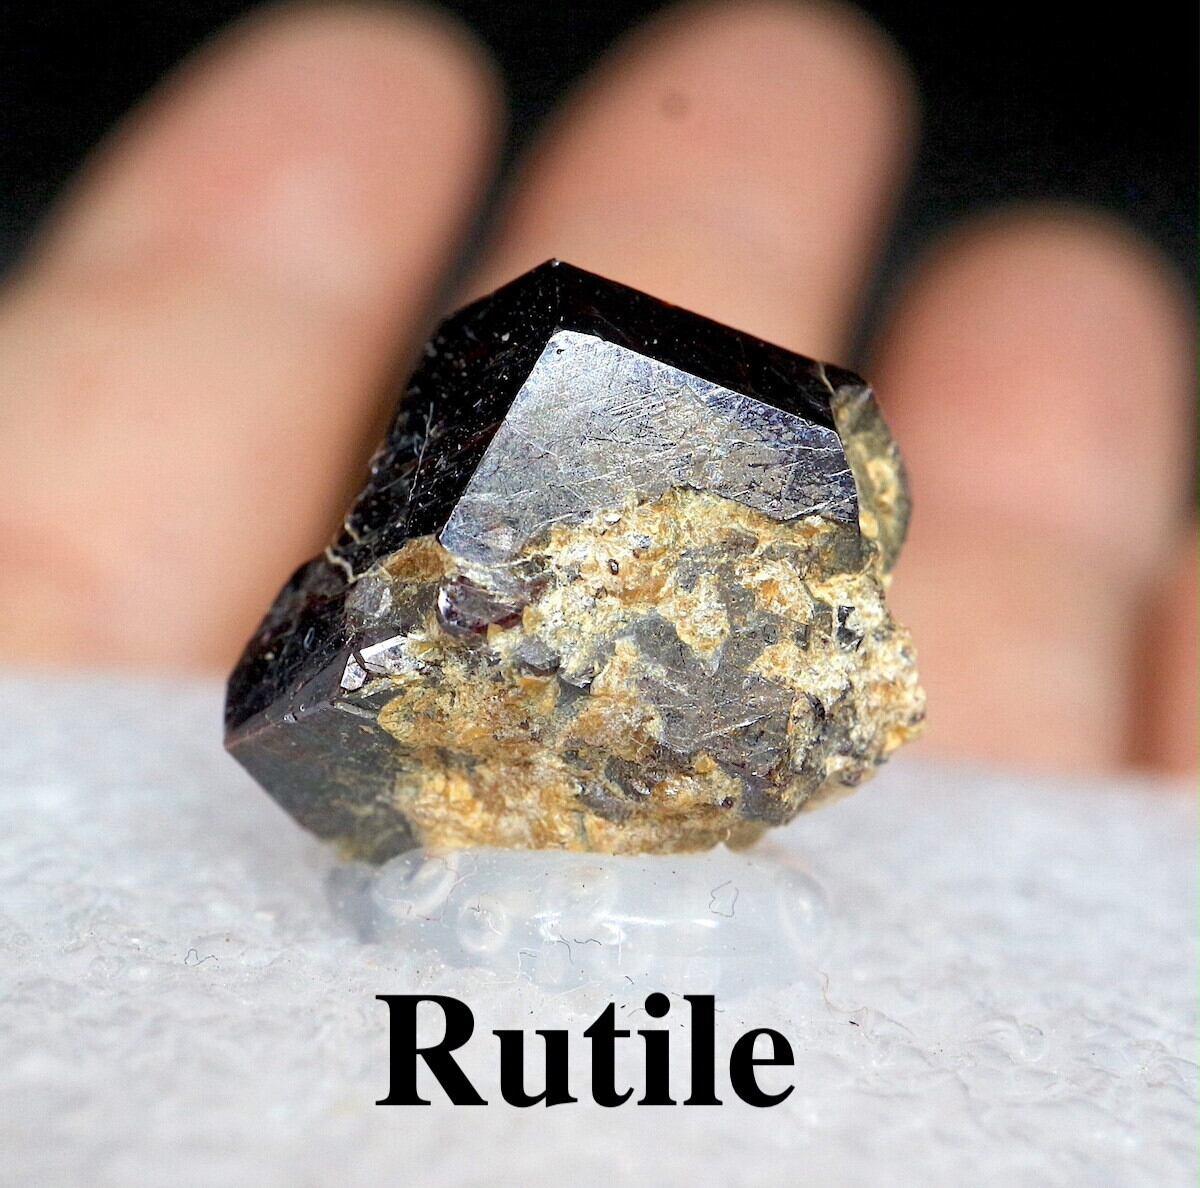 カリフォルニア産 ルチル 金紅石 原石 4,4g RUT007 鉱物 標本 原石 天然石